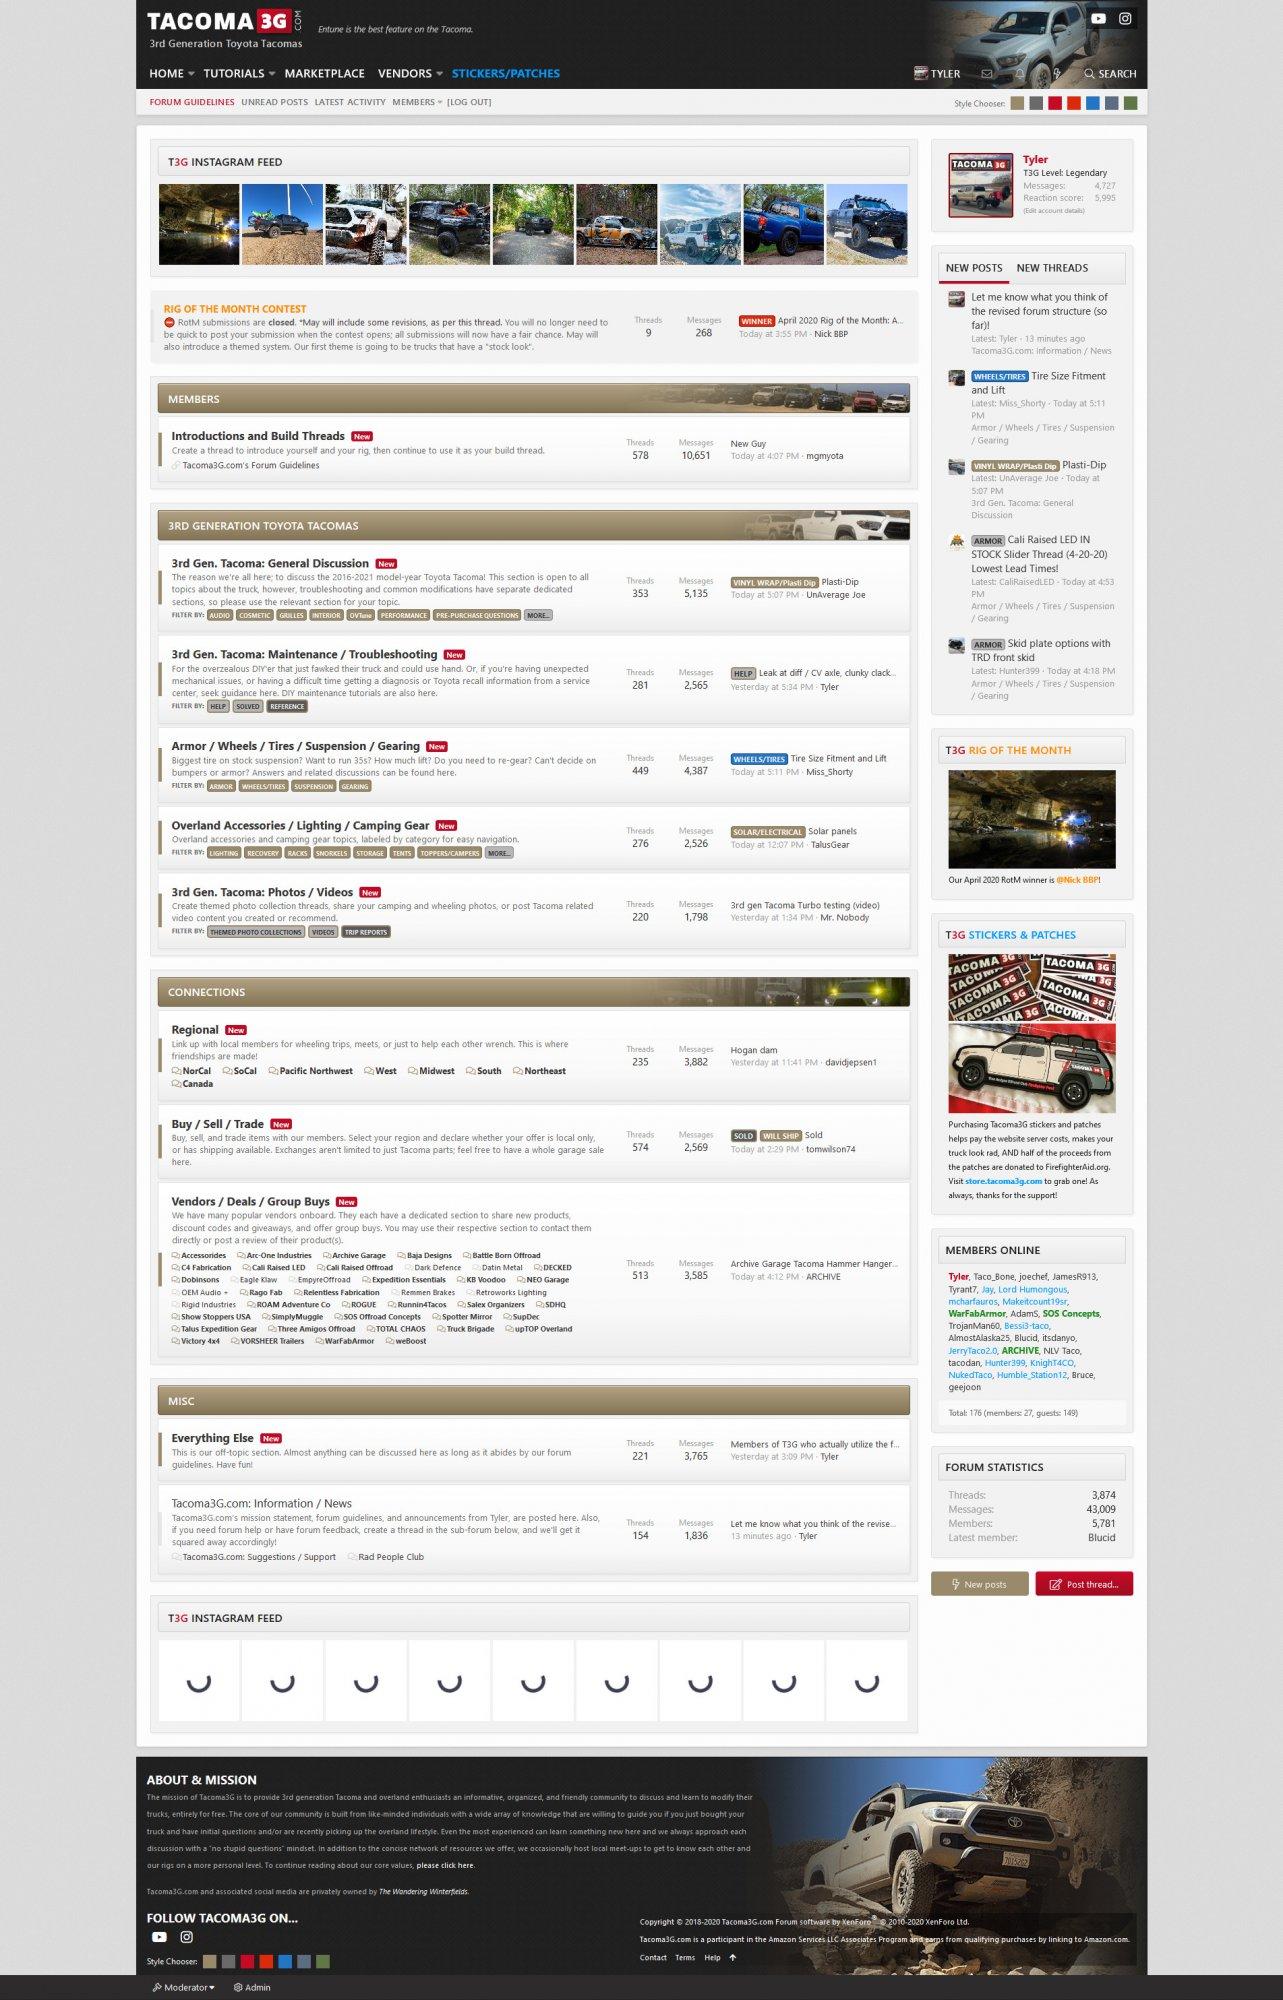 Screenshot_2020-04-20 3rd Generation Toyota Tacoma Forum - Tacoma3G com(1).jpg